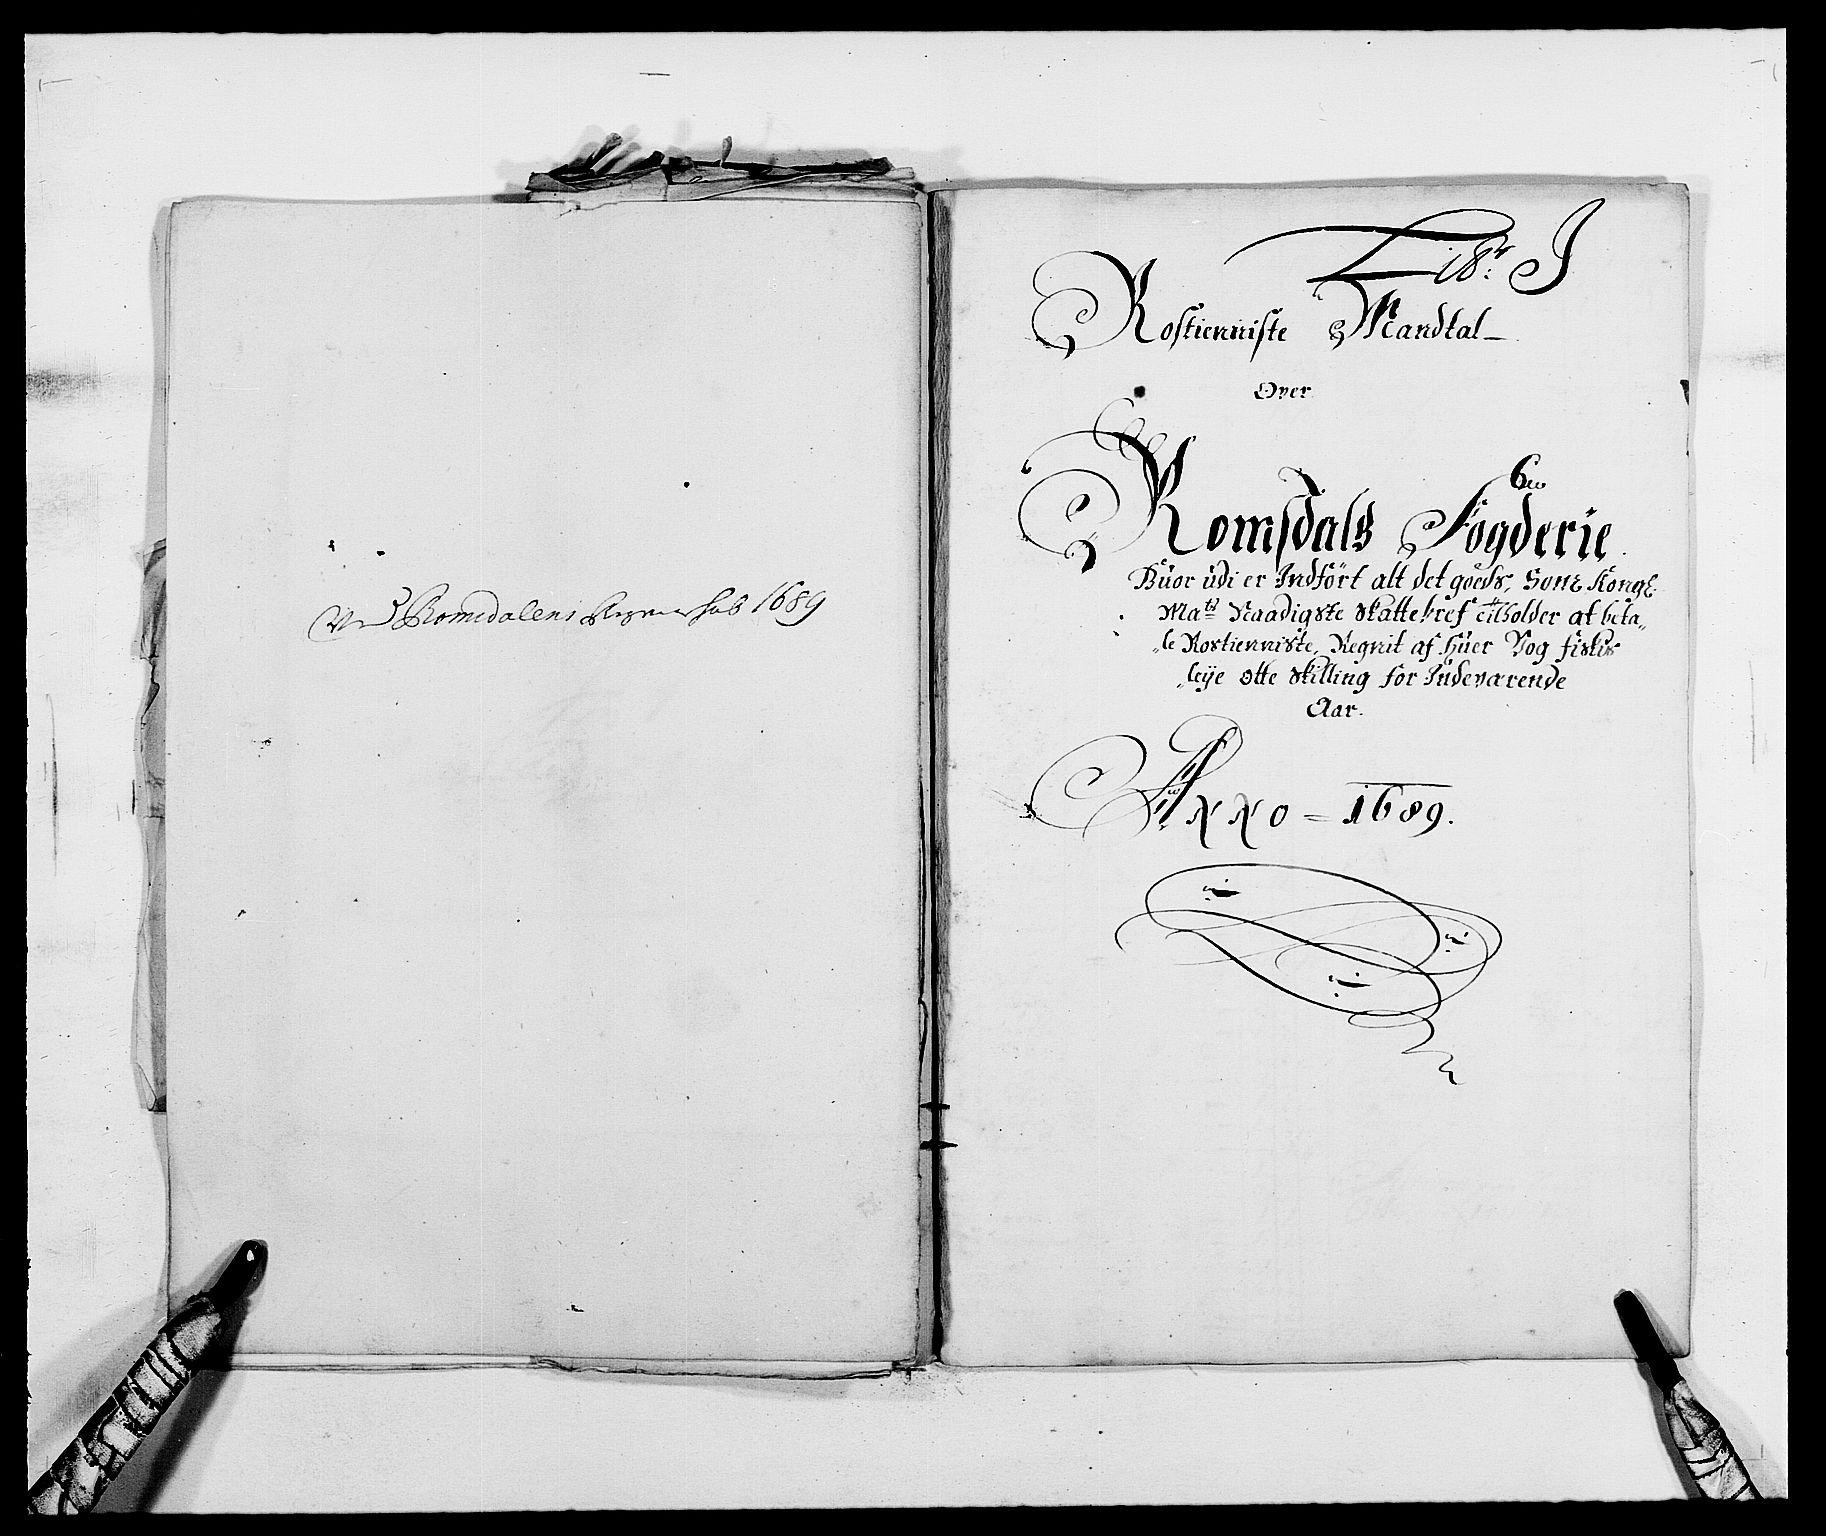 RA, Rentekammeret inntil 1814, Reviderte regnskaper, Fogderegnskap, R55/L3648: Fogderegnskap Romsdal, 1687-1689, s. 366